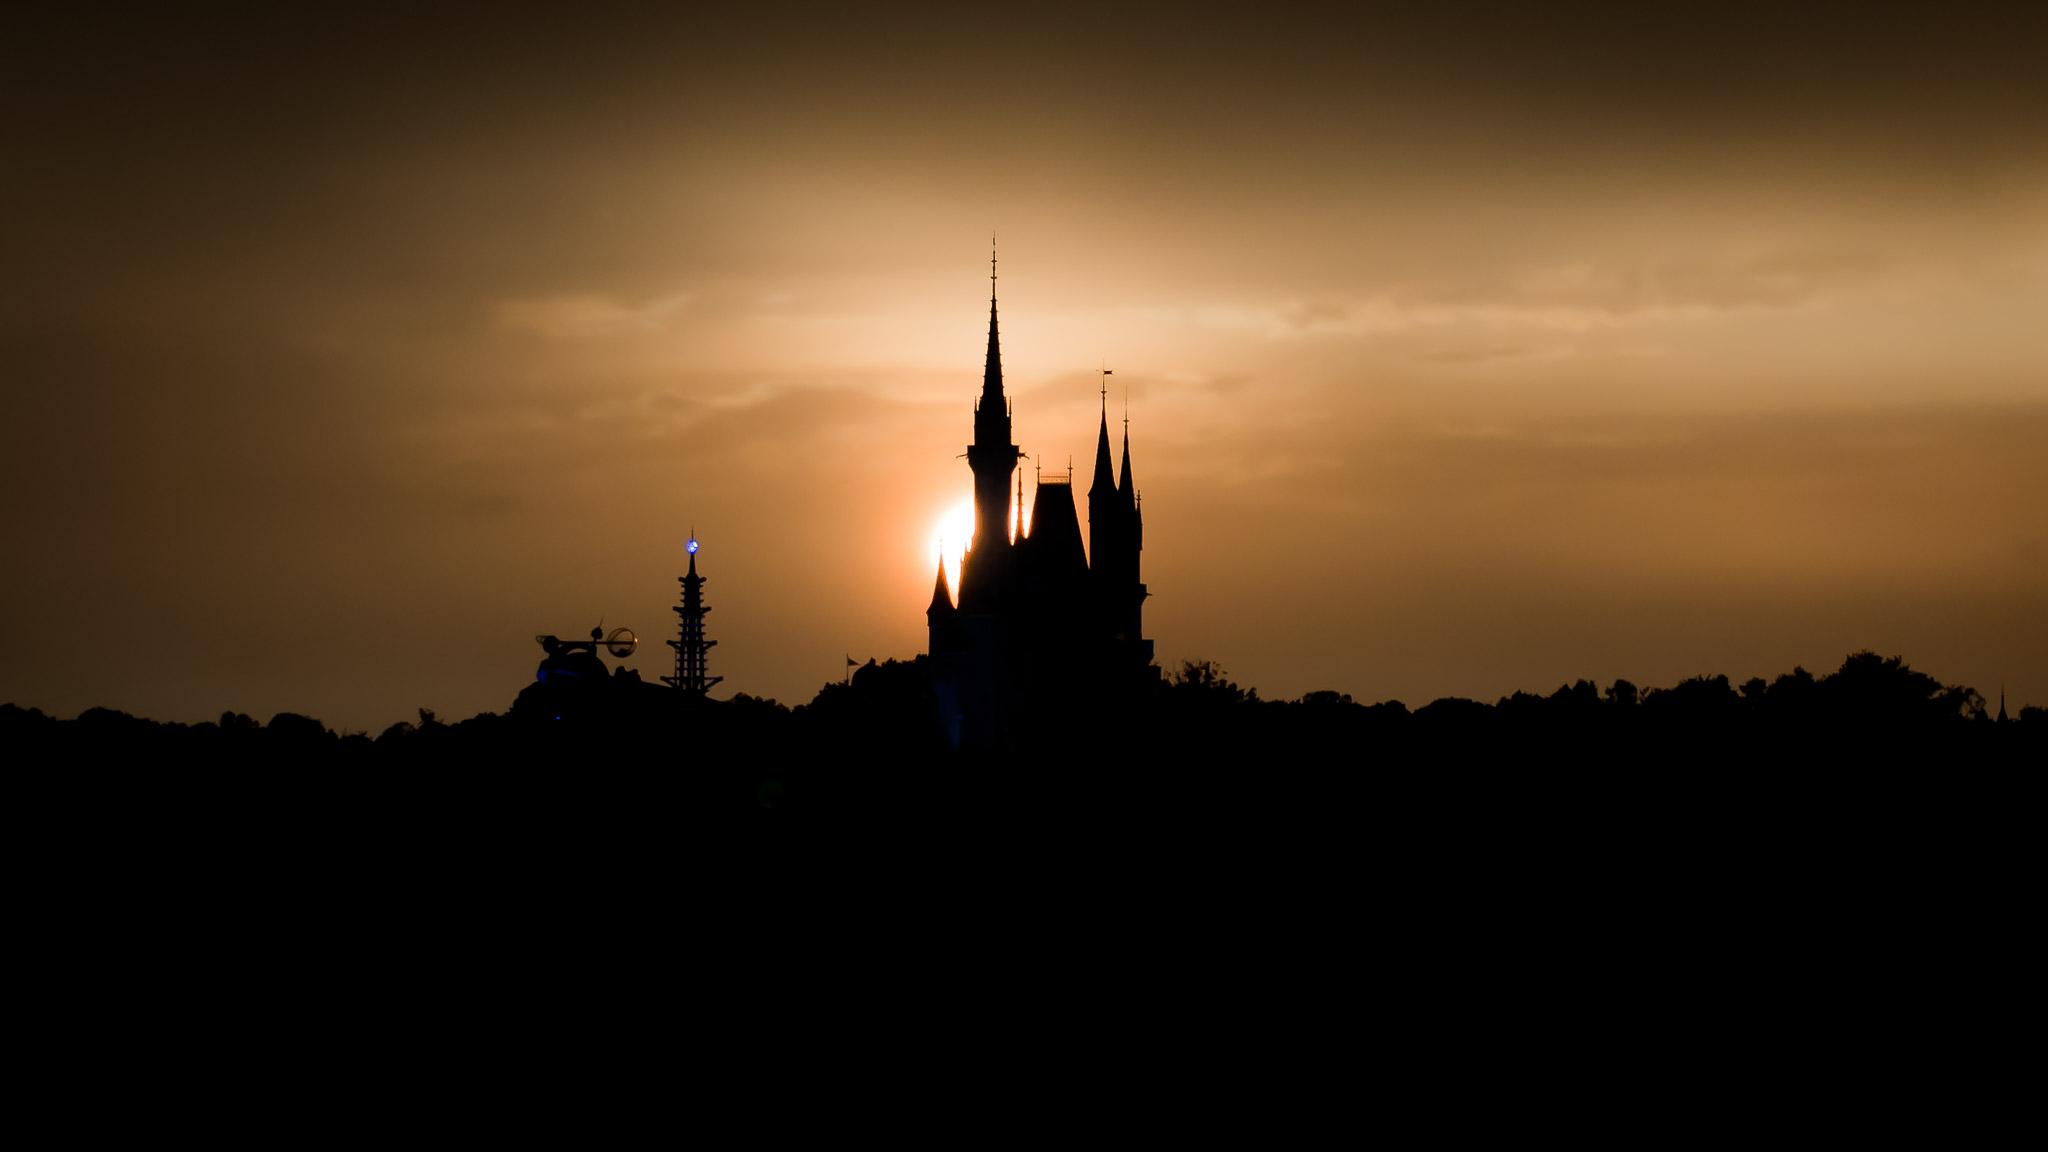 KateTaramykinStudios-Disney-World-Fourth-of July-2015-1.jpg